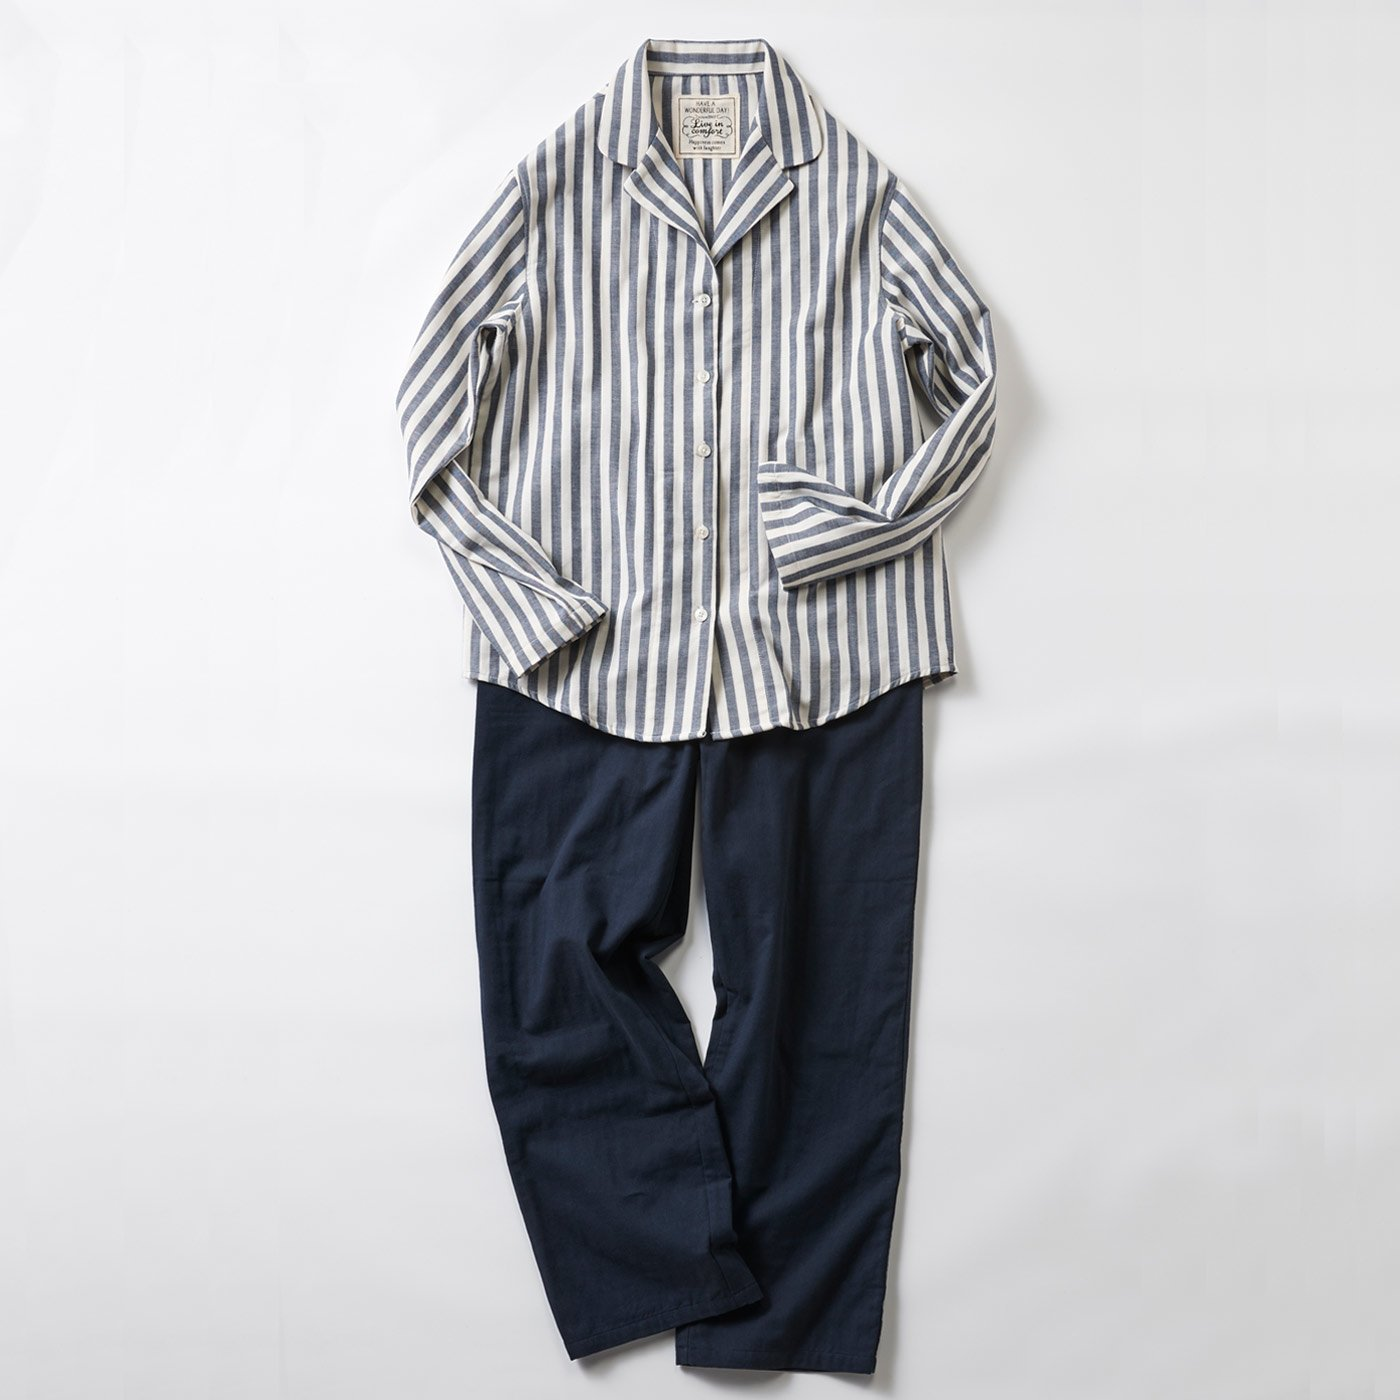 宅配便も取りにいける! リブ イン コンフォート コットン100% ダブルガーゼのパジャマ 〈ストライプ〉